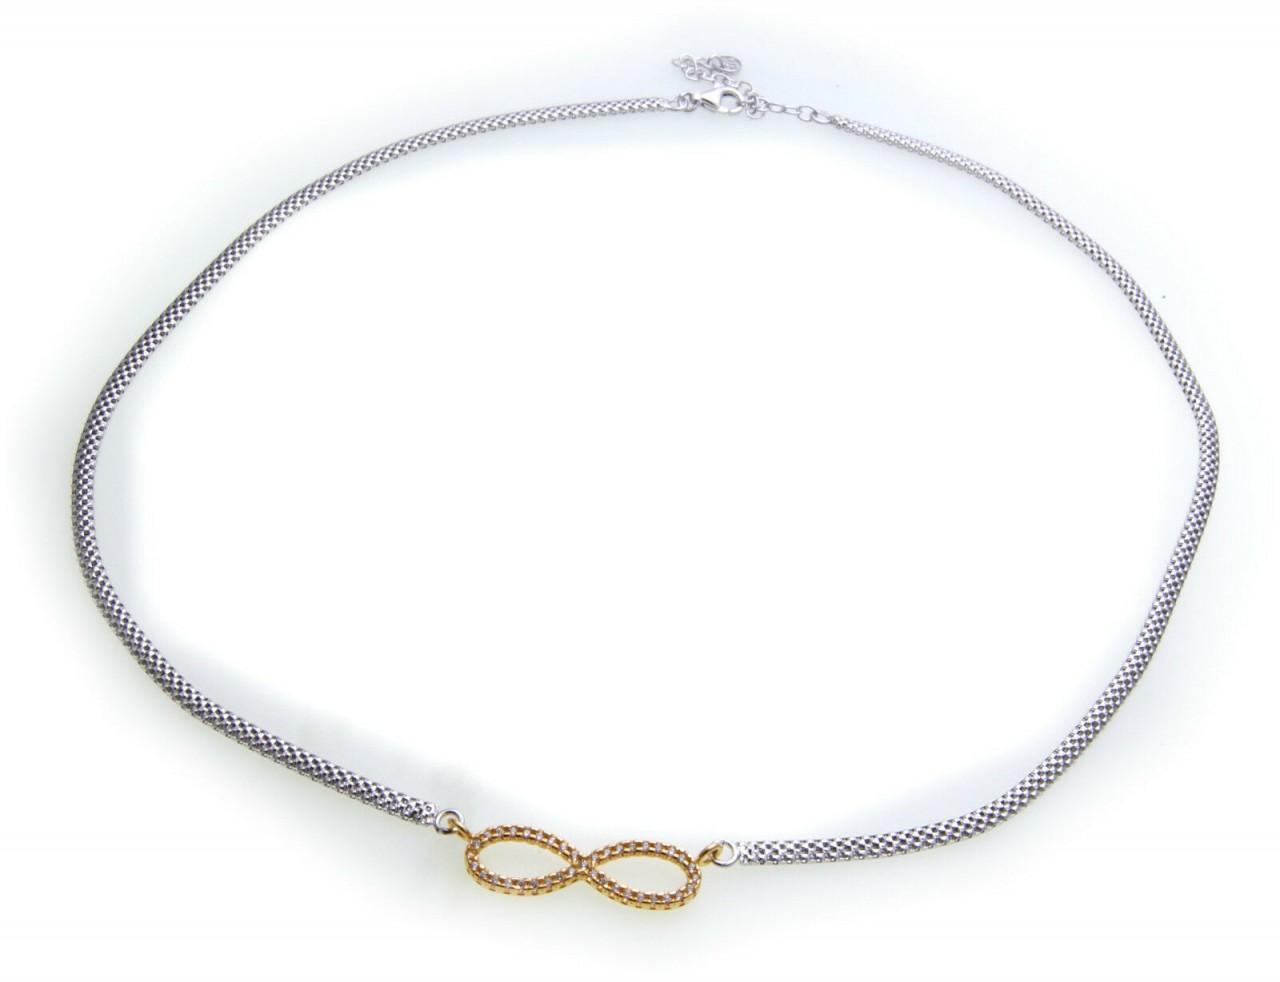 Damen Collier Unendlichkeit Zirkonia Silber 925 Sterlingsilber Halskette NEU